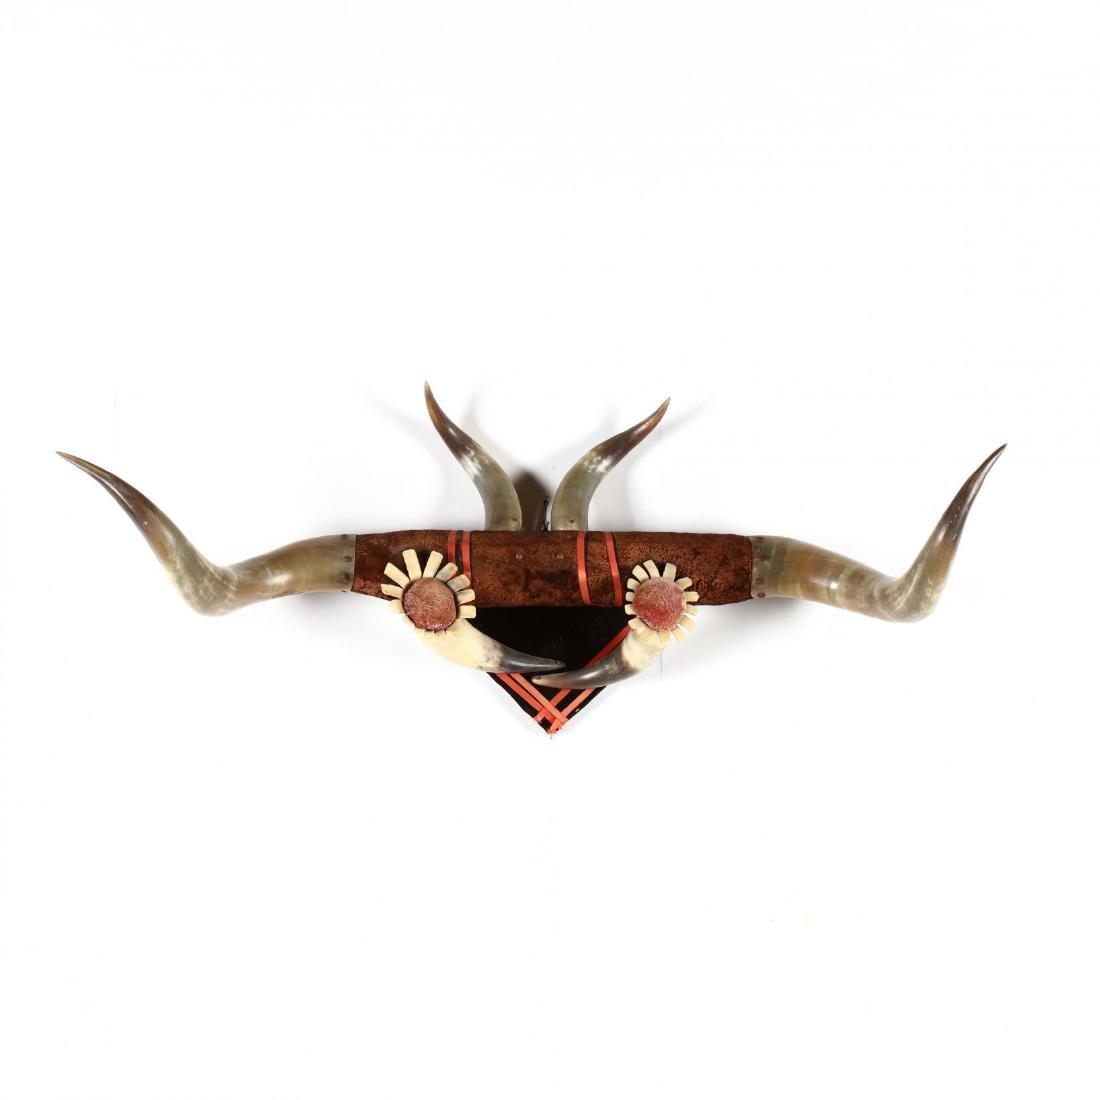 An Antique Horn Arrangement, att. Texas